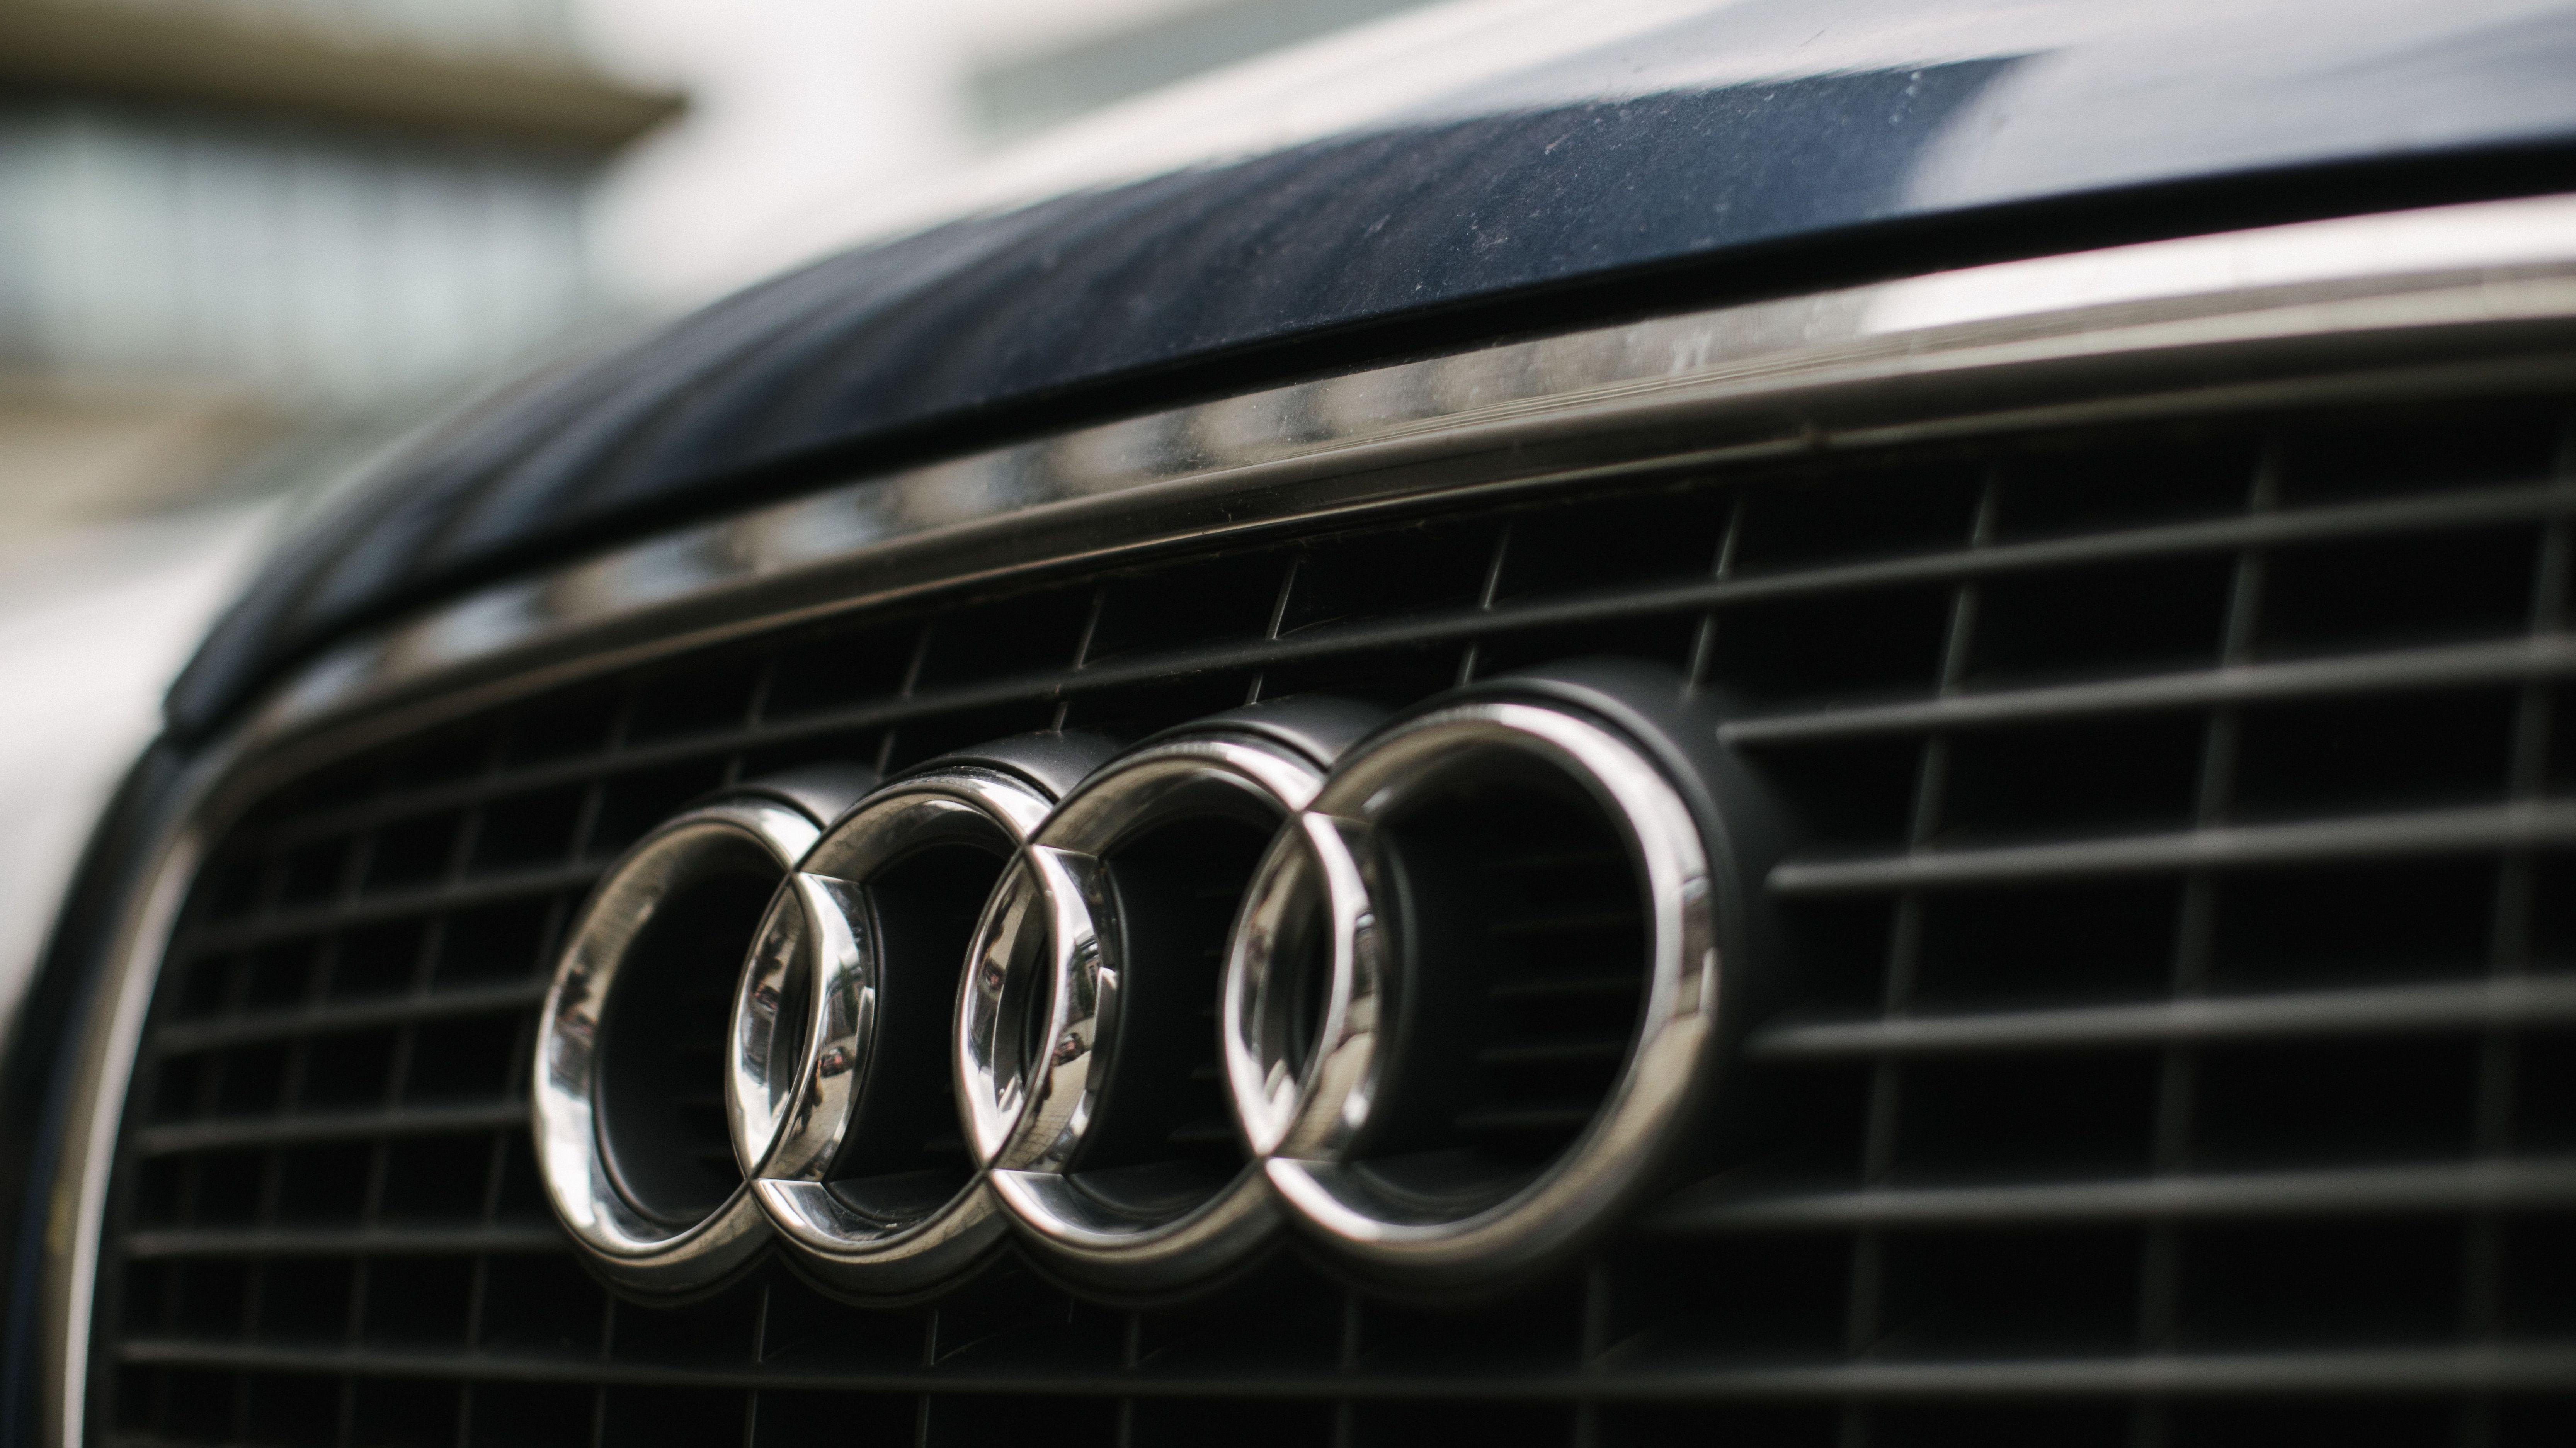 Das Audi-Firmenlogo am Kühlergrill eines Autos